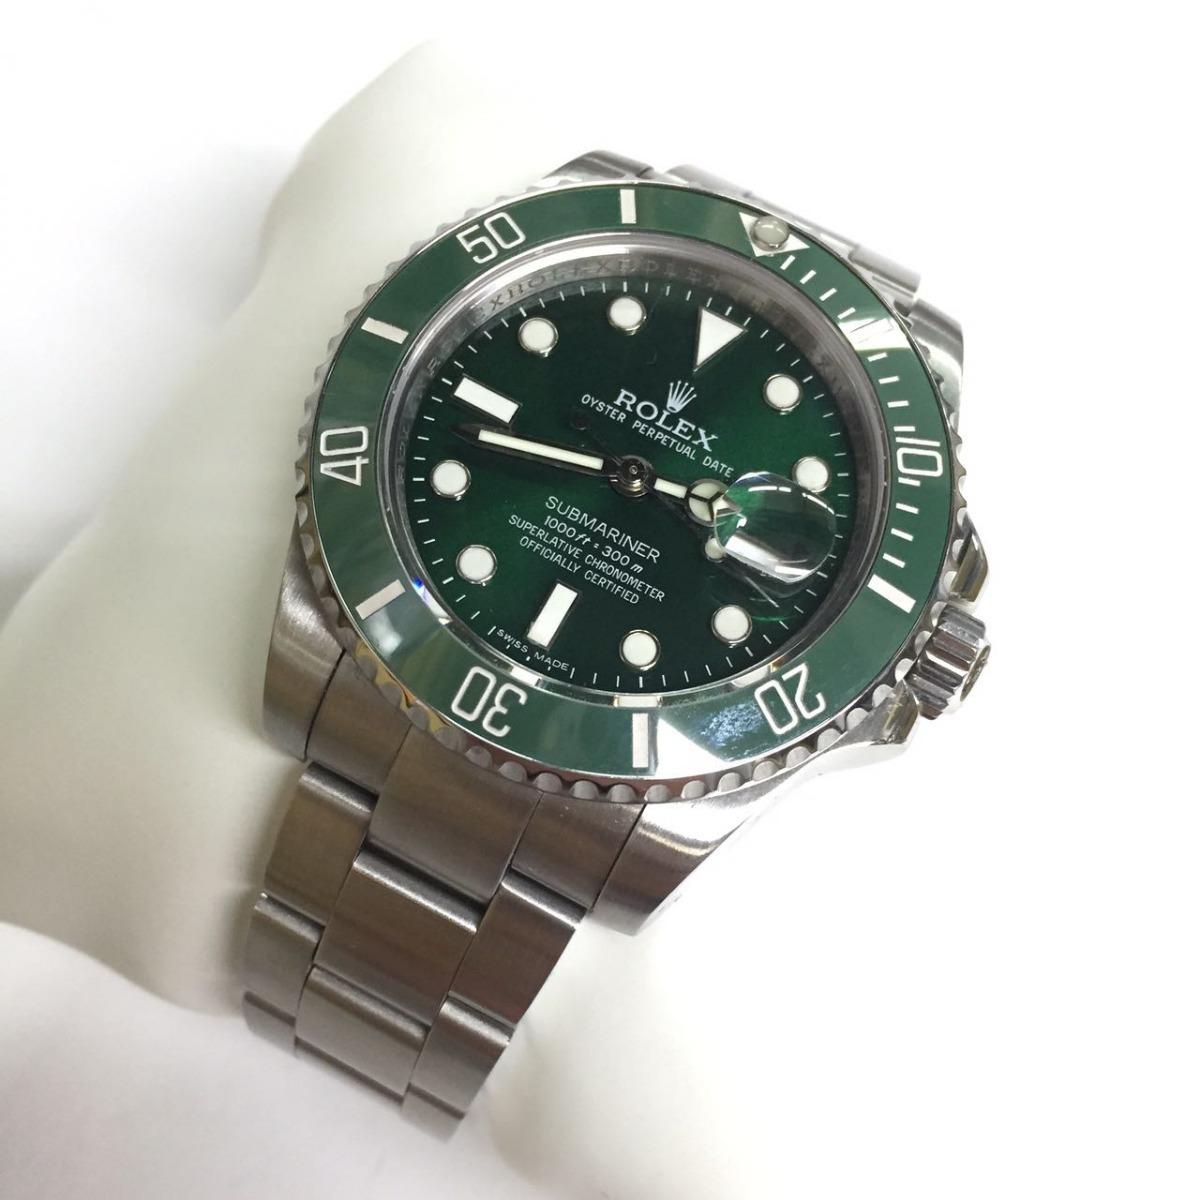 69560ae8be5 relógio submariner eta prata fundo verde aço. Carregando zoom.